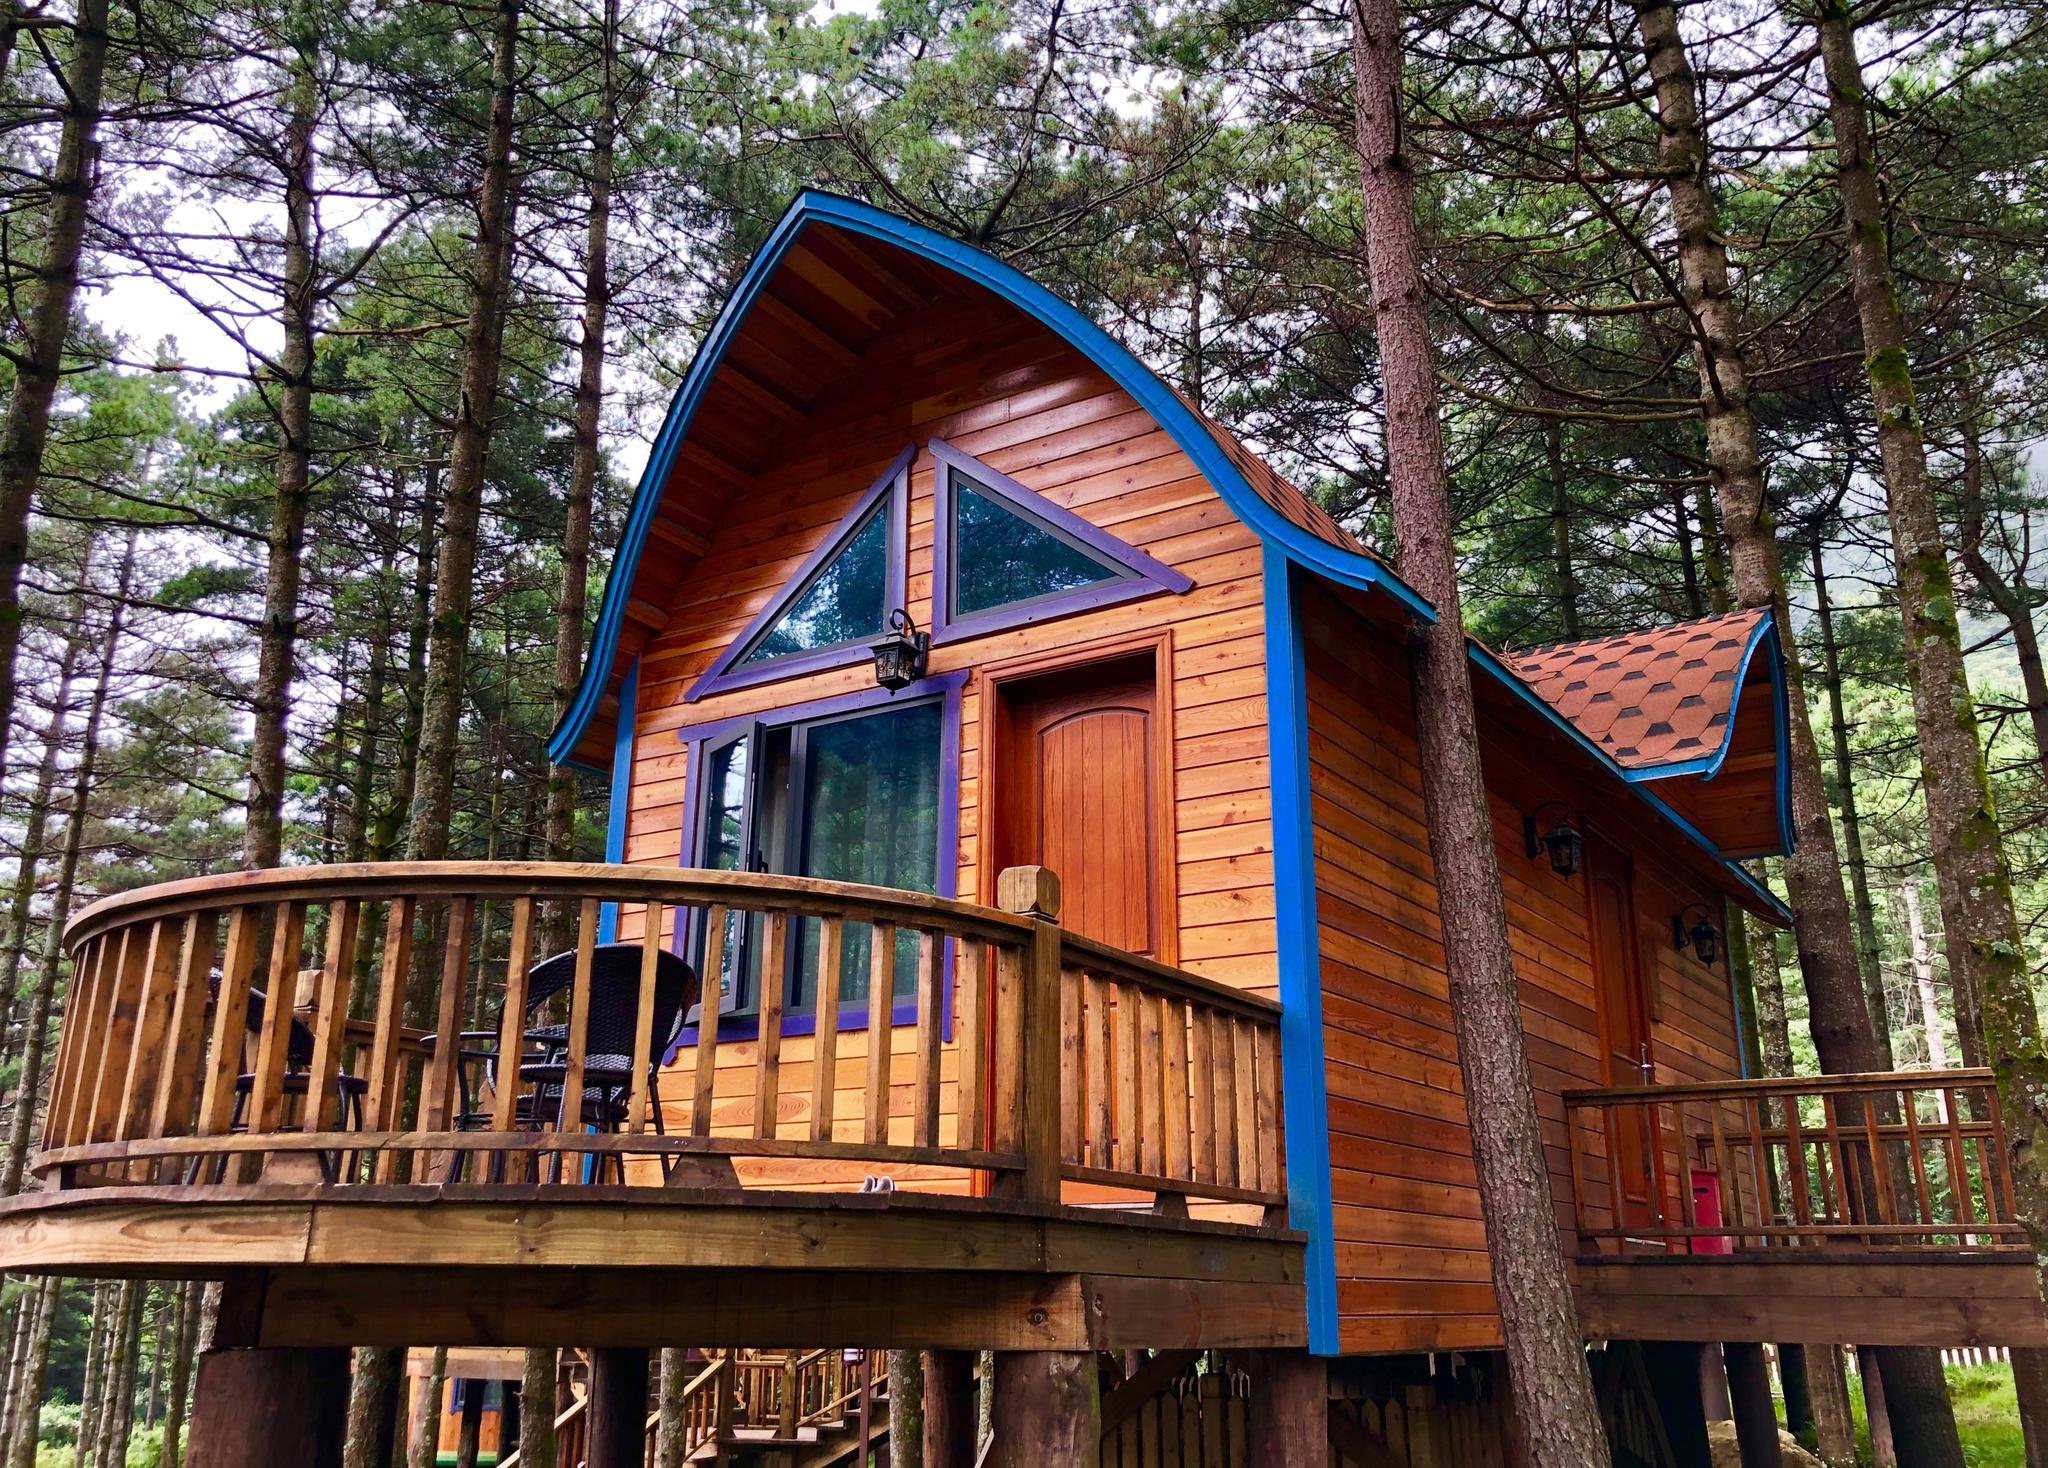 森林木屋别墅,在这住一夜,那该有爽!_新浪看点图片